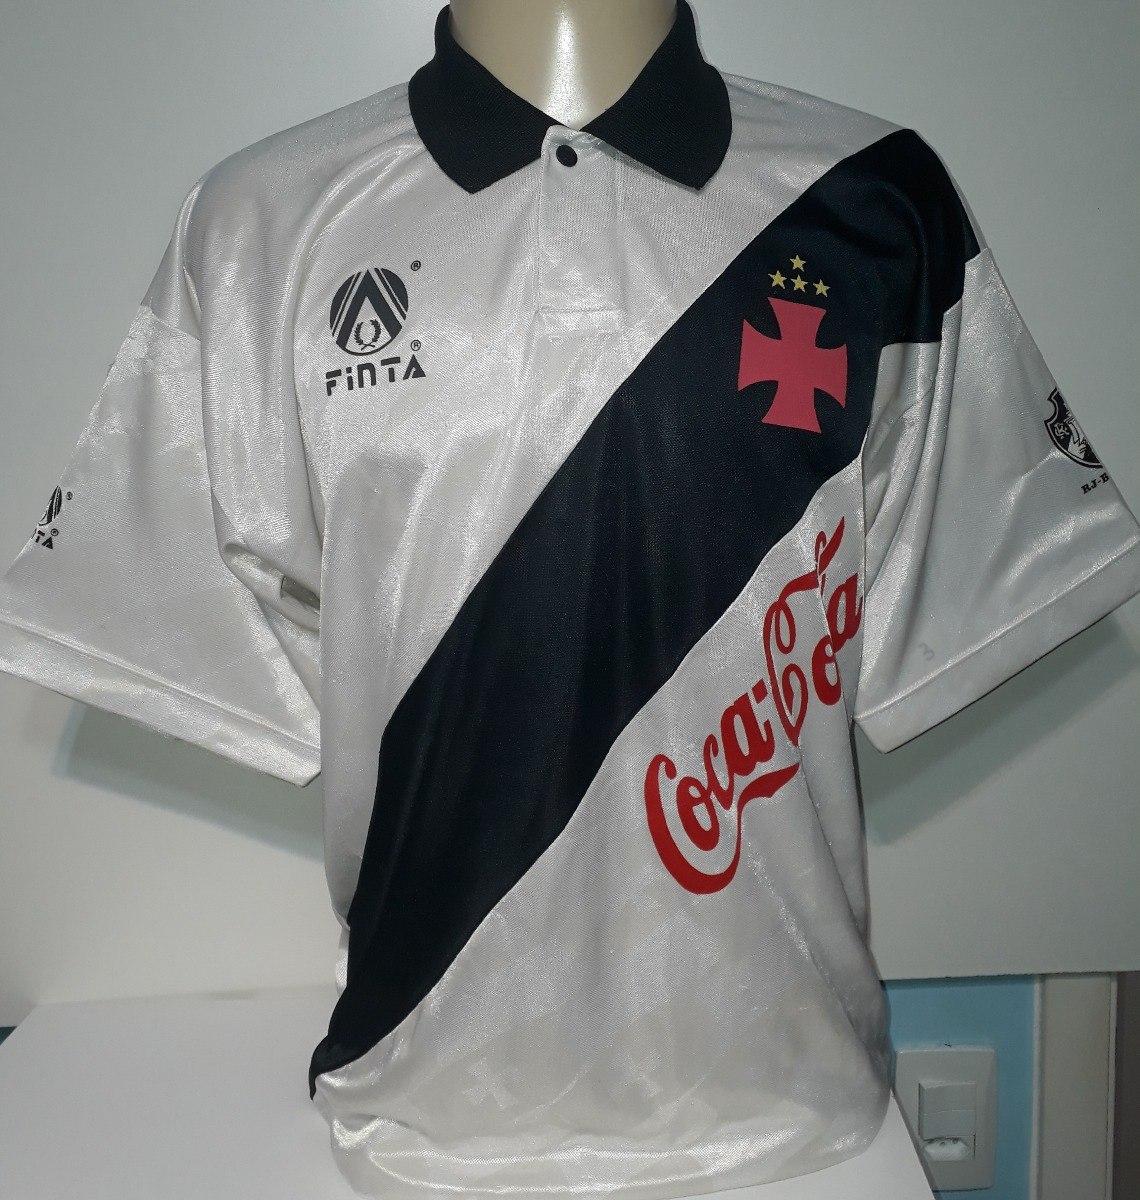 camisa do vasco antiga original finta 1993 coca cola - 93. Carregando zoom. 192f117af46f0